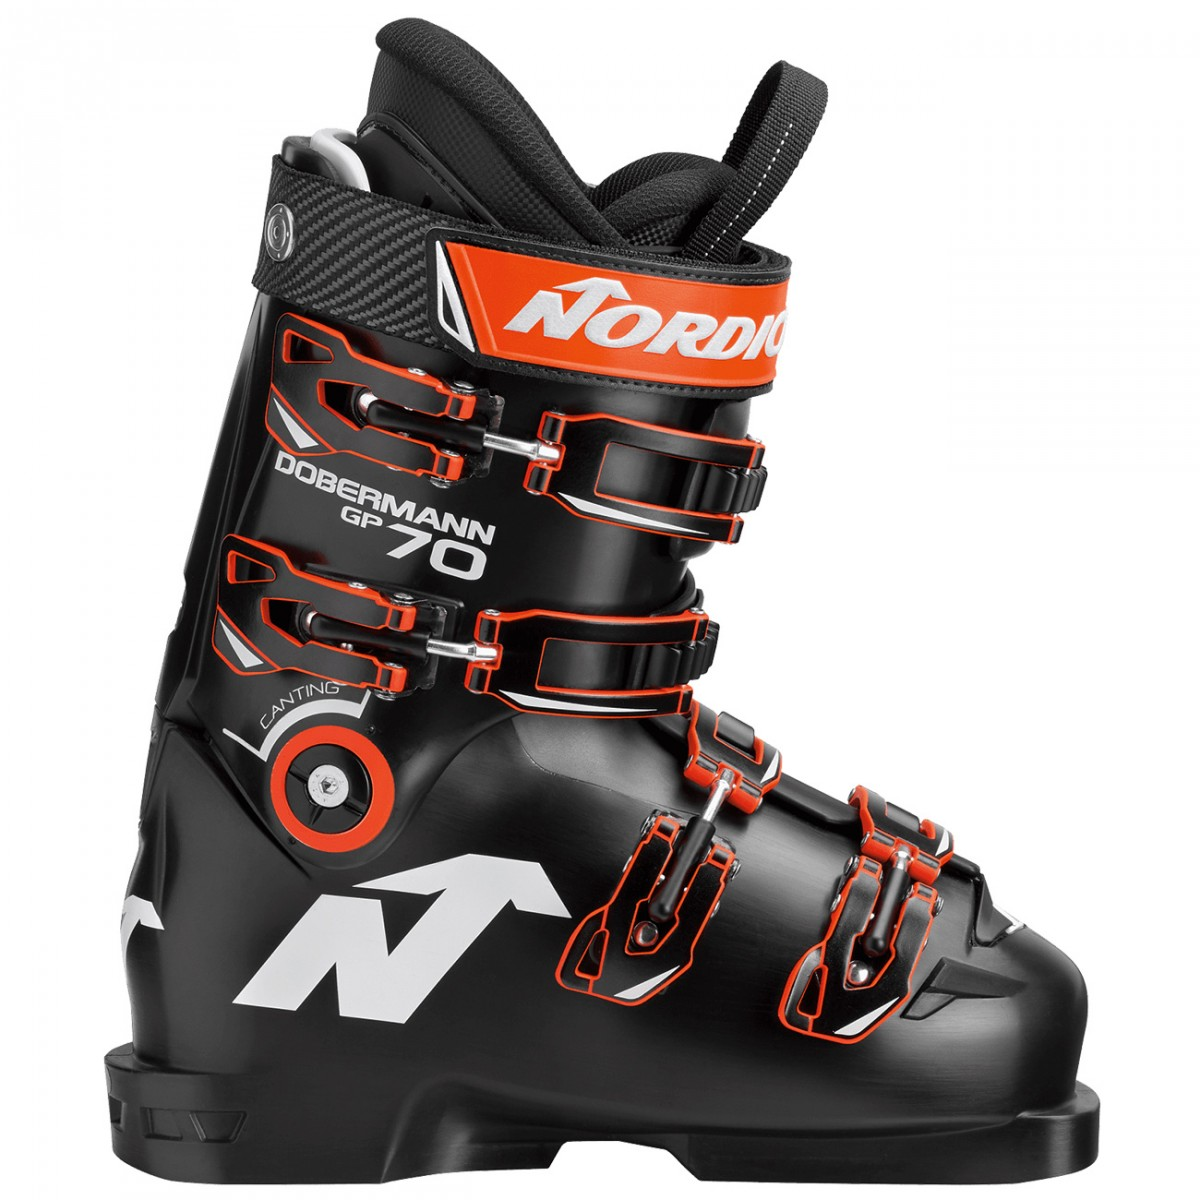 Scarponi sci Nordica Dobermann Gp 70 (Colore: nero-arancione, Taglia: 22.5)